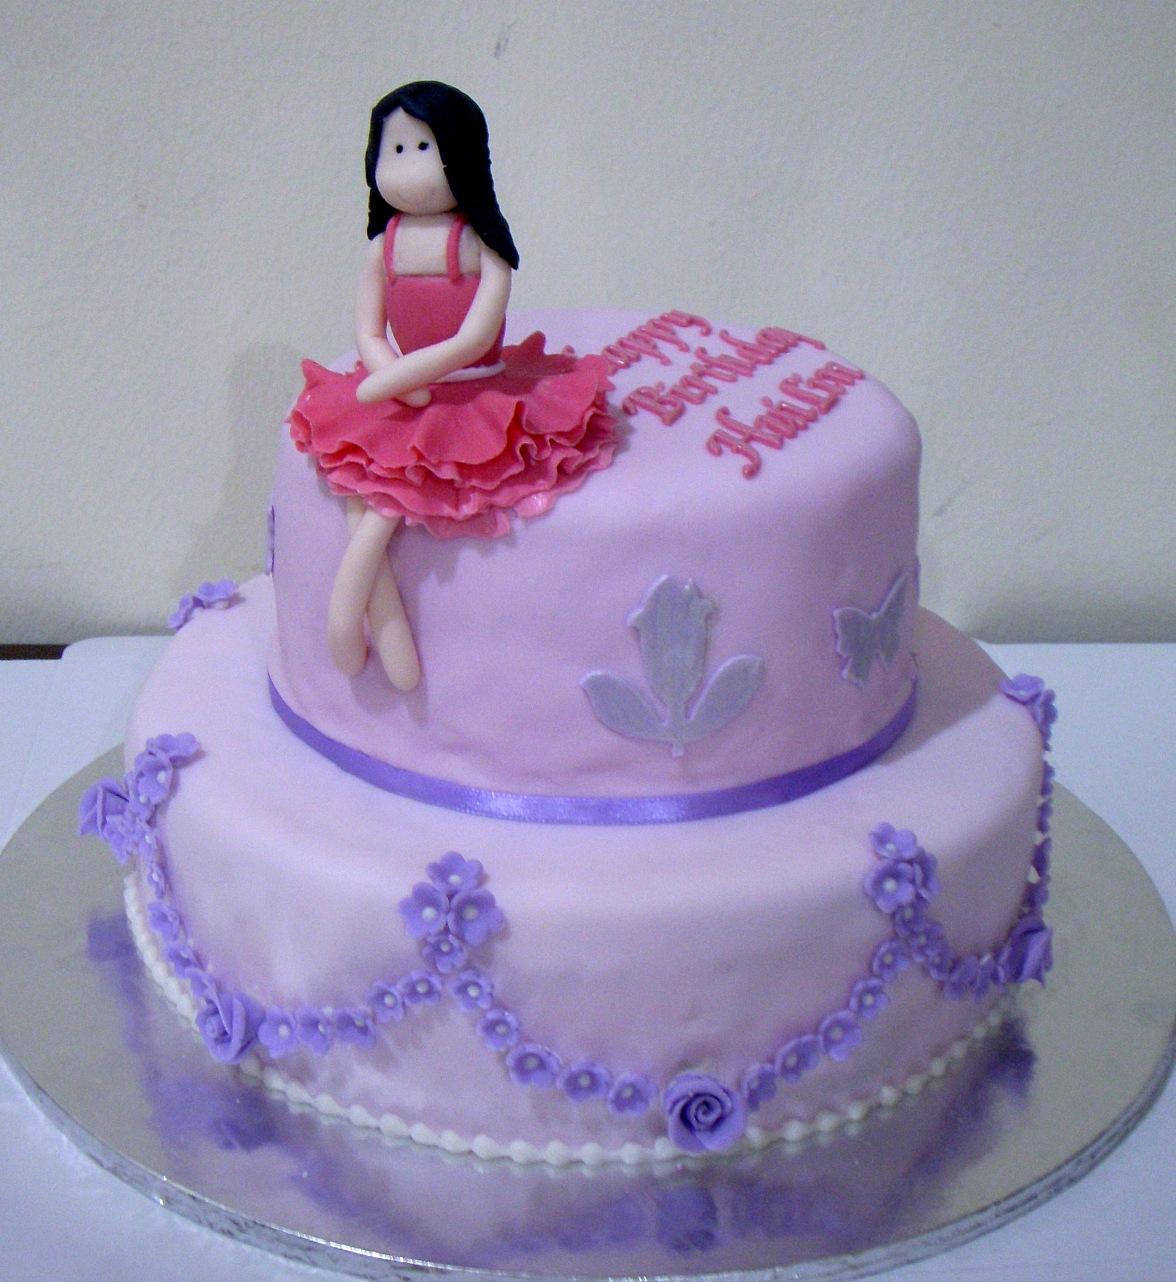 Stylish Birthday Cakes